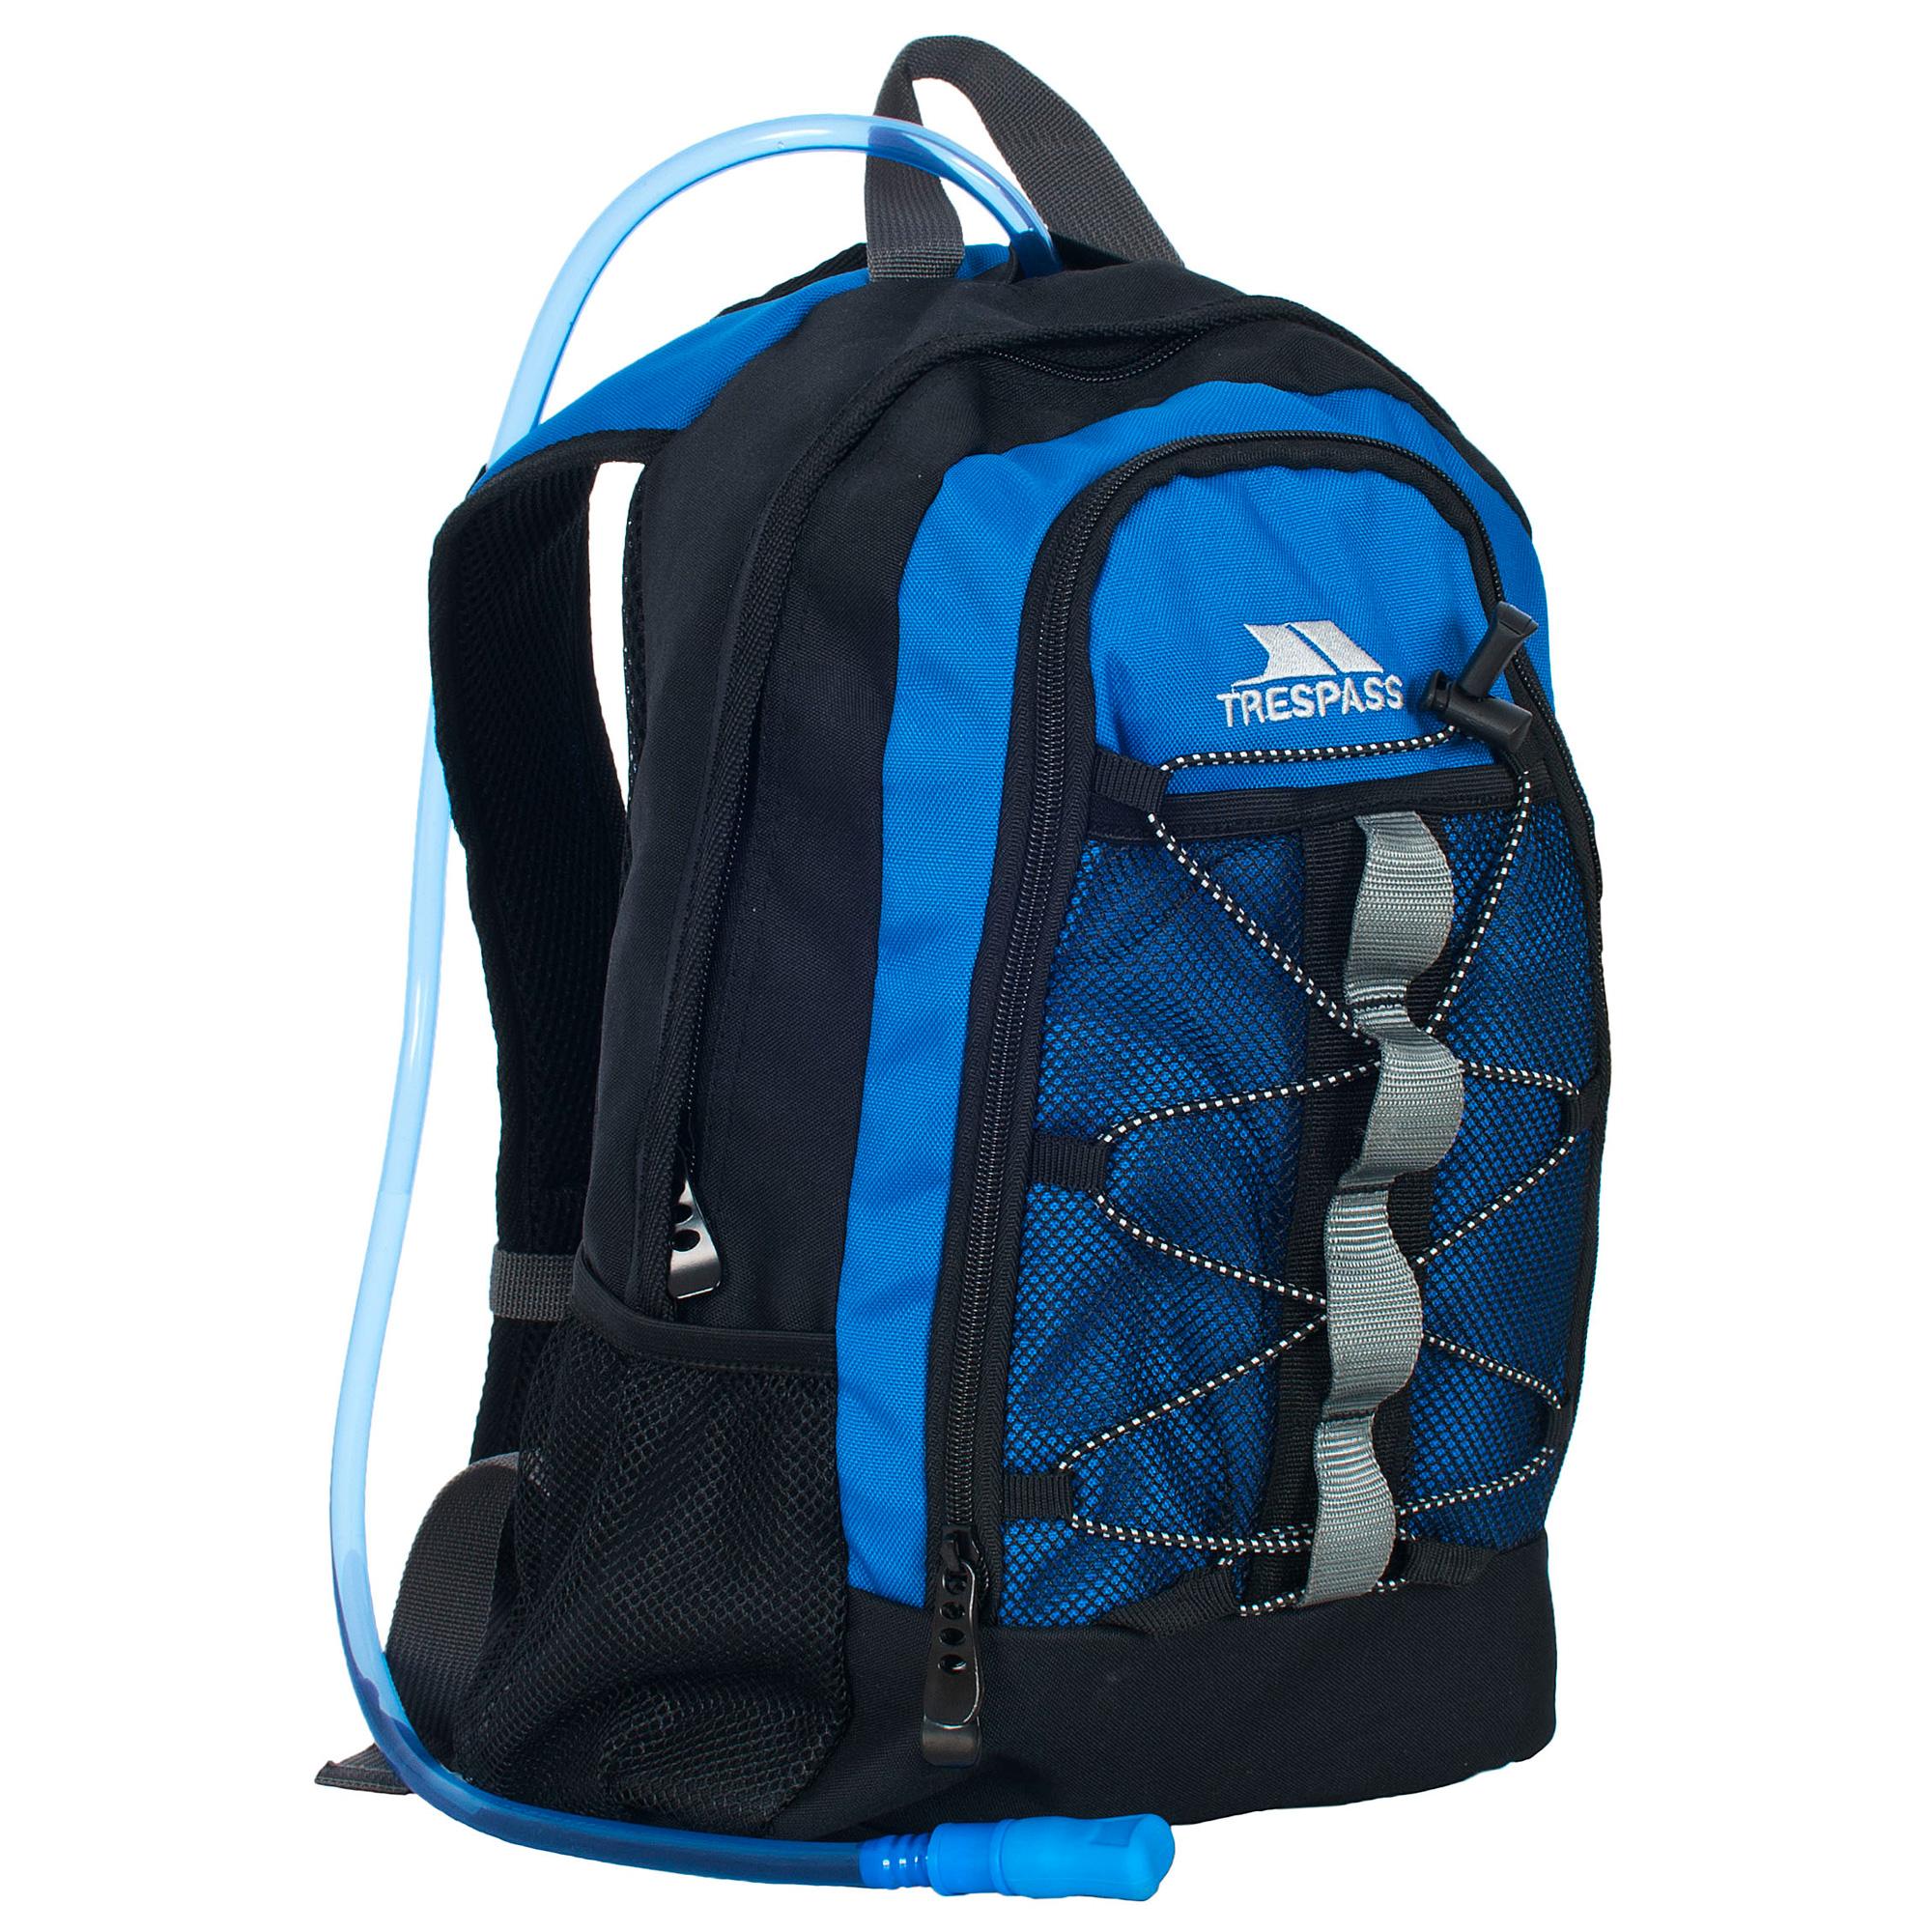 Trespass Slake Hydration Running Backpack